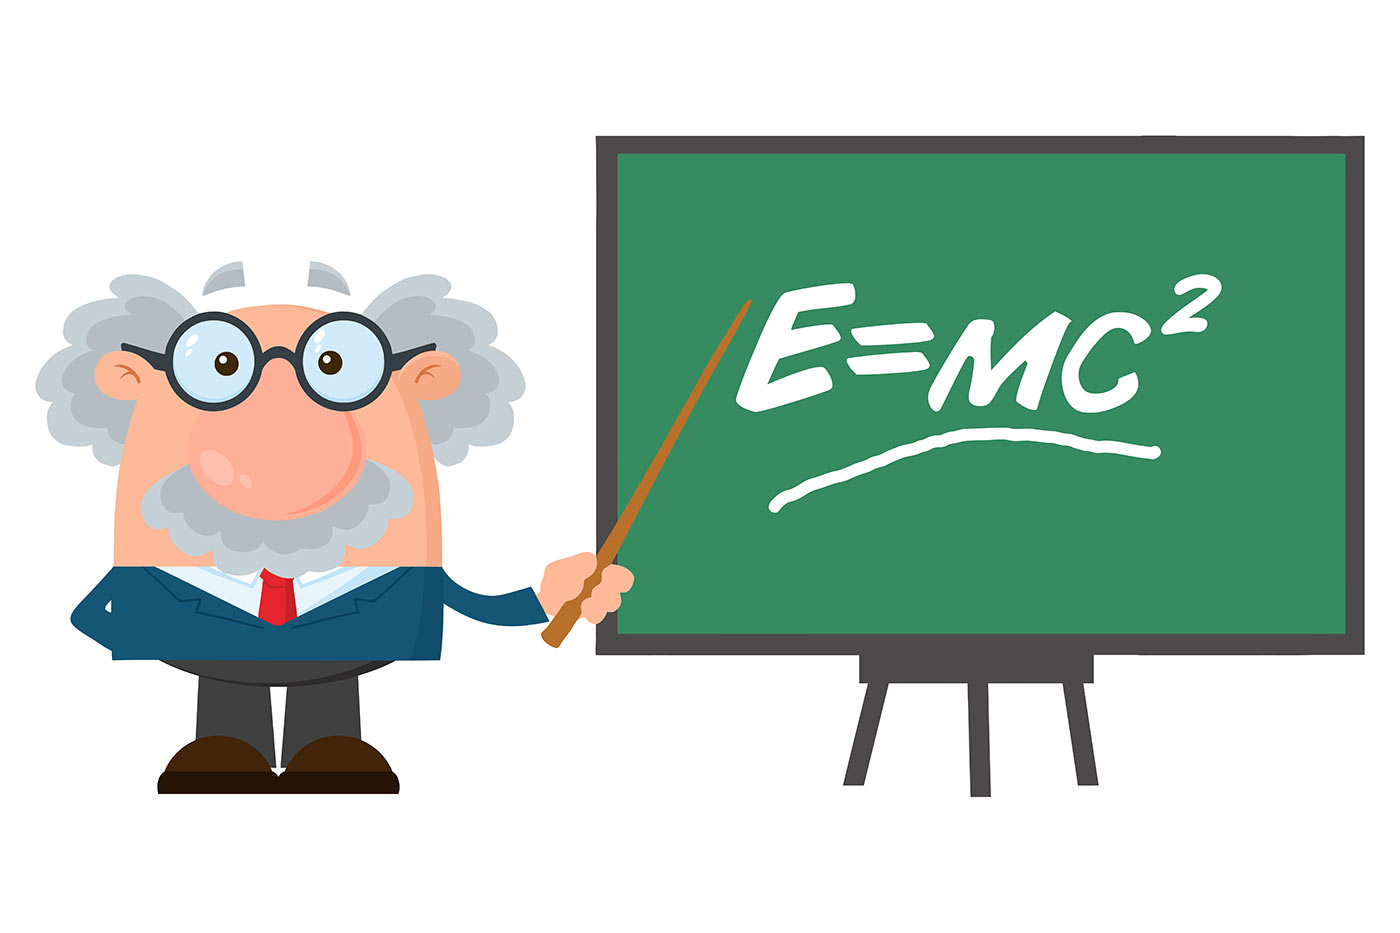 Η εξίσωση E=mc^2 του Αϊνστάιν. Η θεωρία της σχετικότητας με λόγια απλά